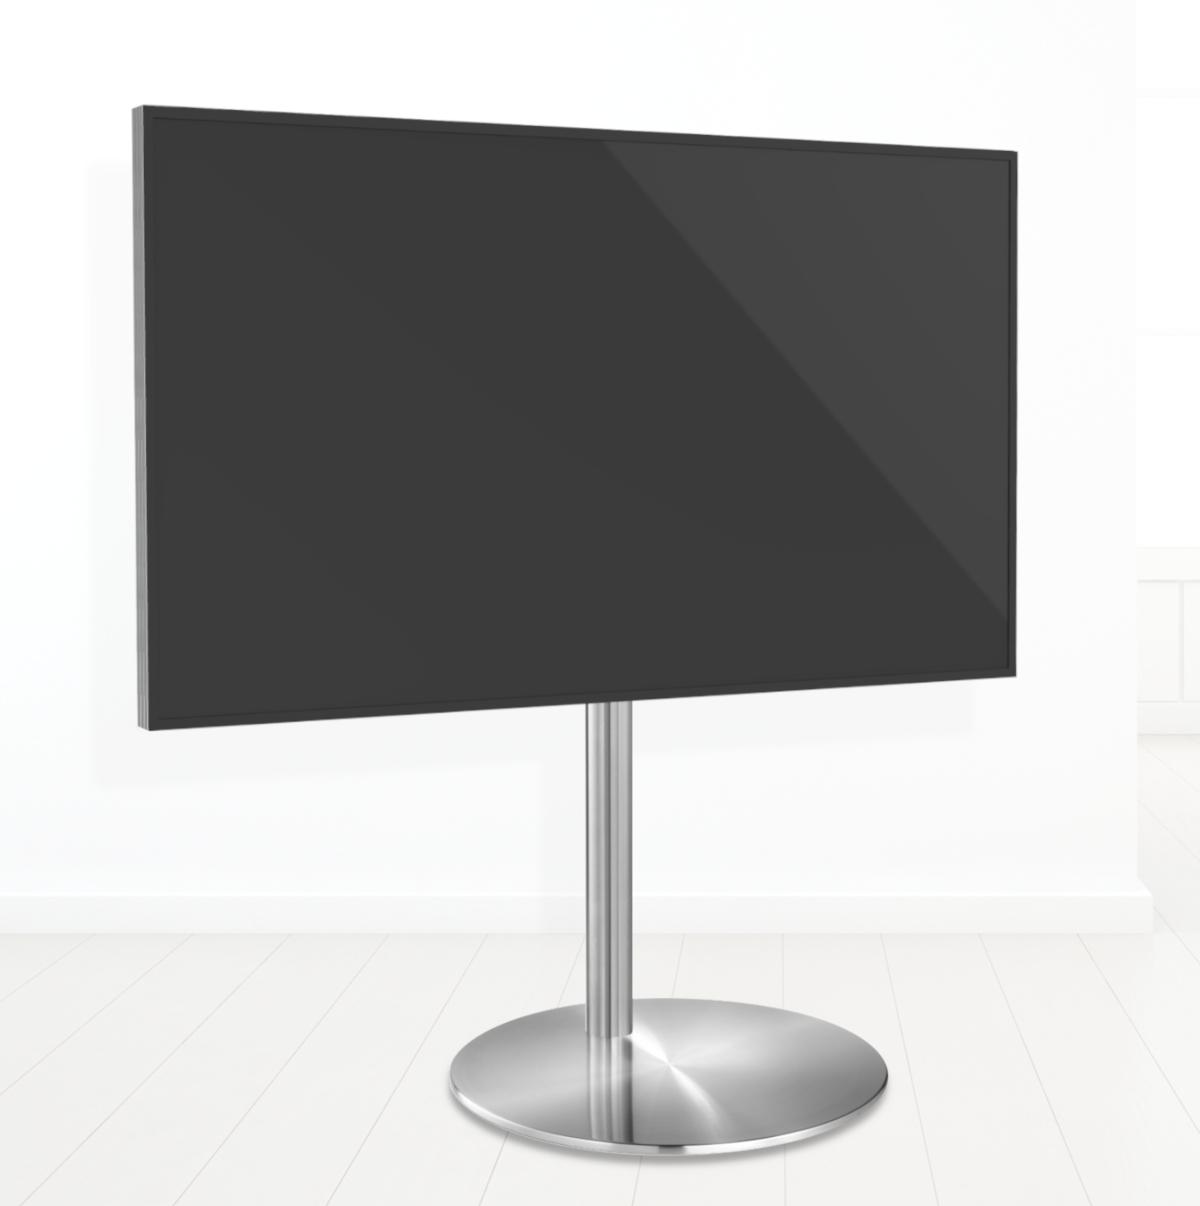 Tv vloerstandaard Sphere 100 RVS